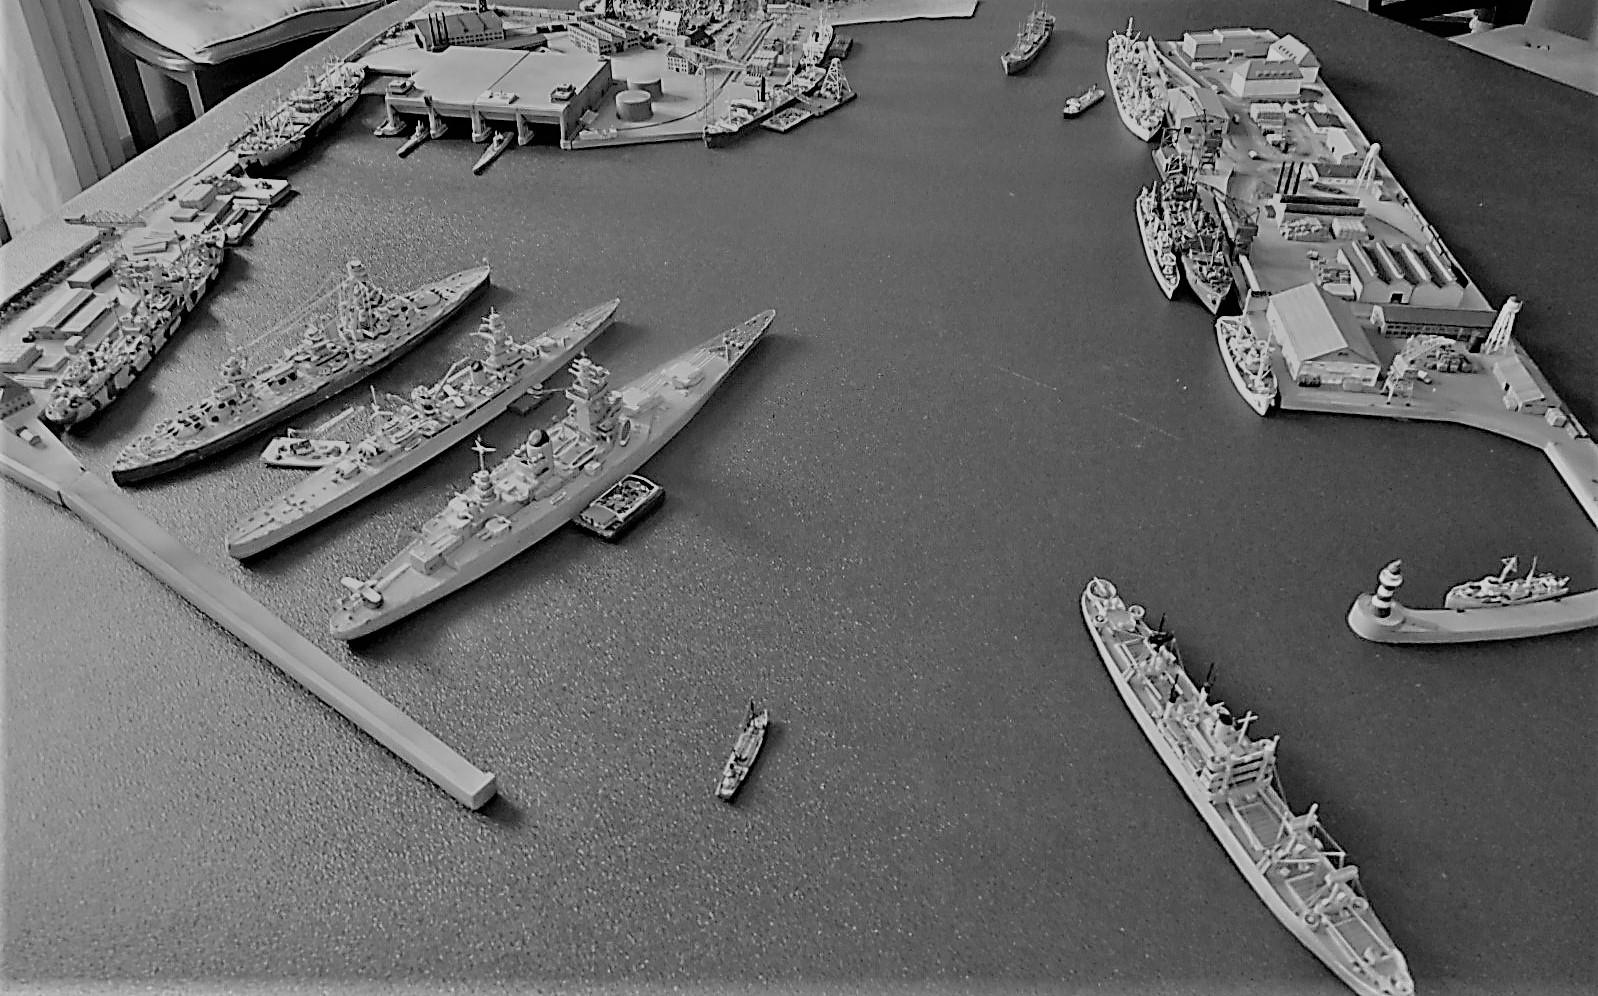 Diorama base navale 1/700 par Nesquik - Page 4 RPKhA9